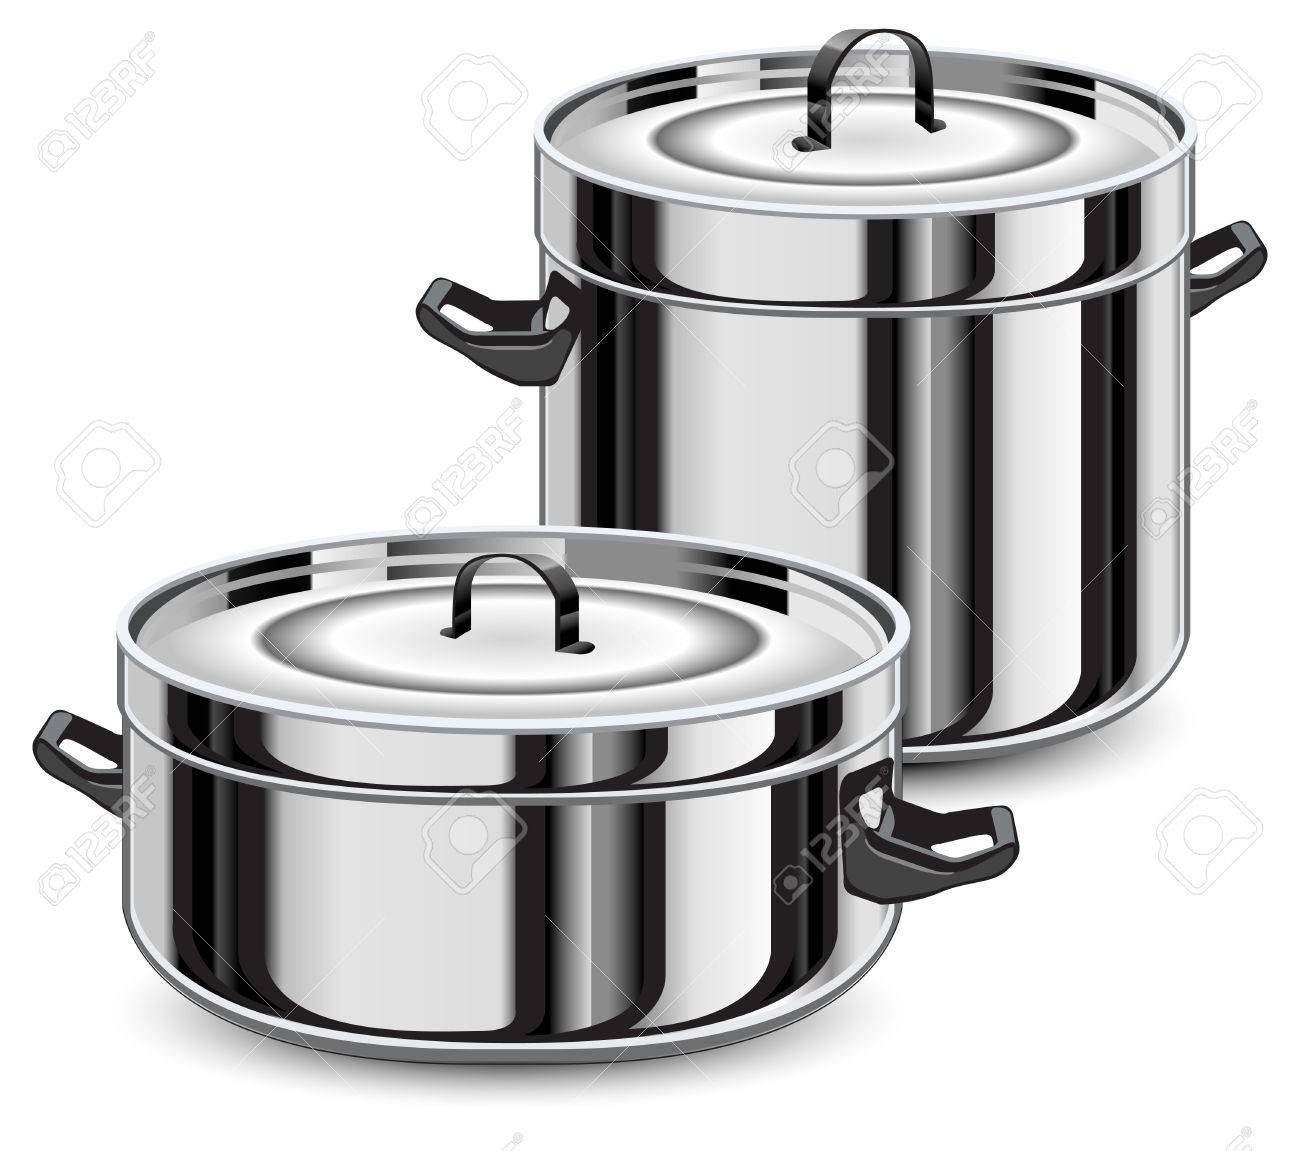 Conjunto De Vajilla De Plata, Ollas Para Cocinar Ilustración Aisladas Sobre  Fondo Blanco, Vector